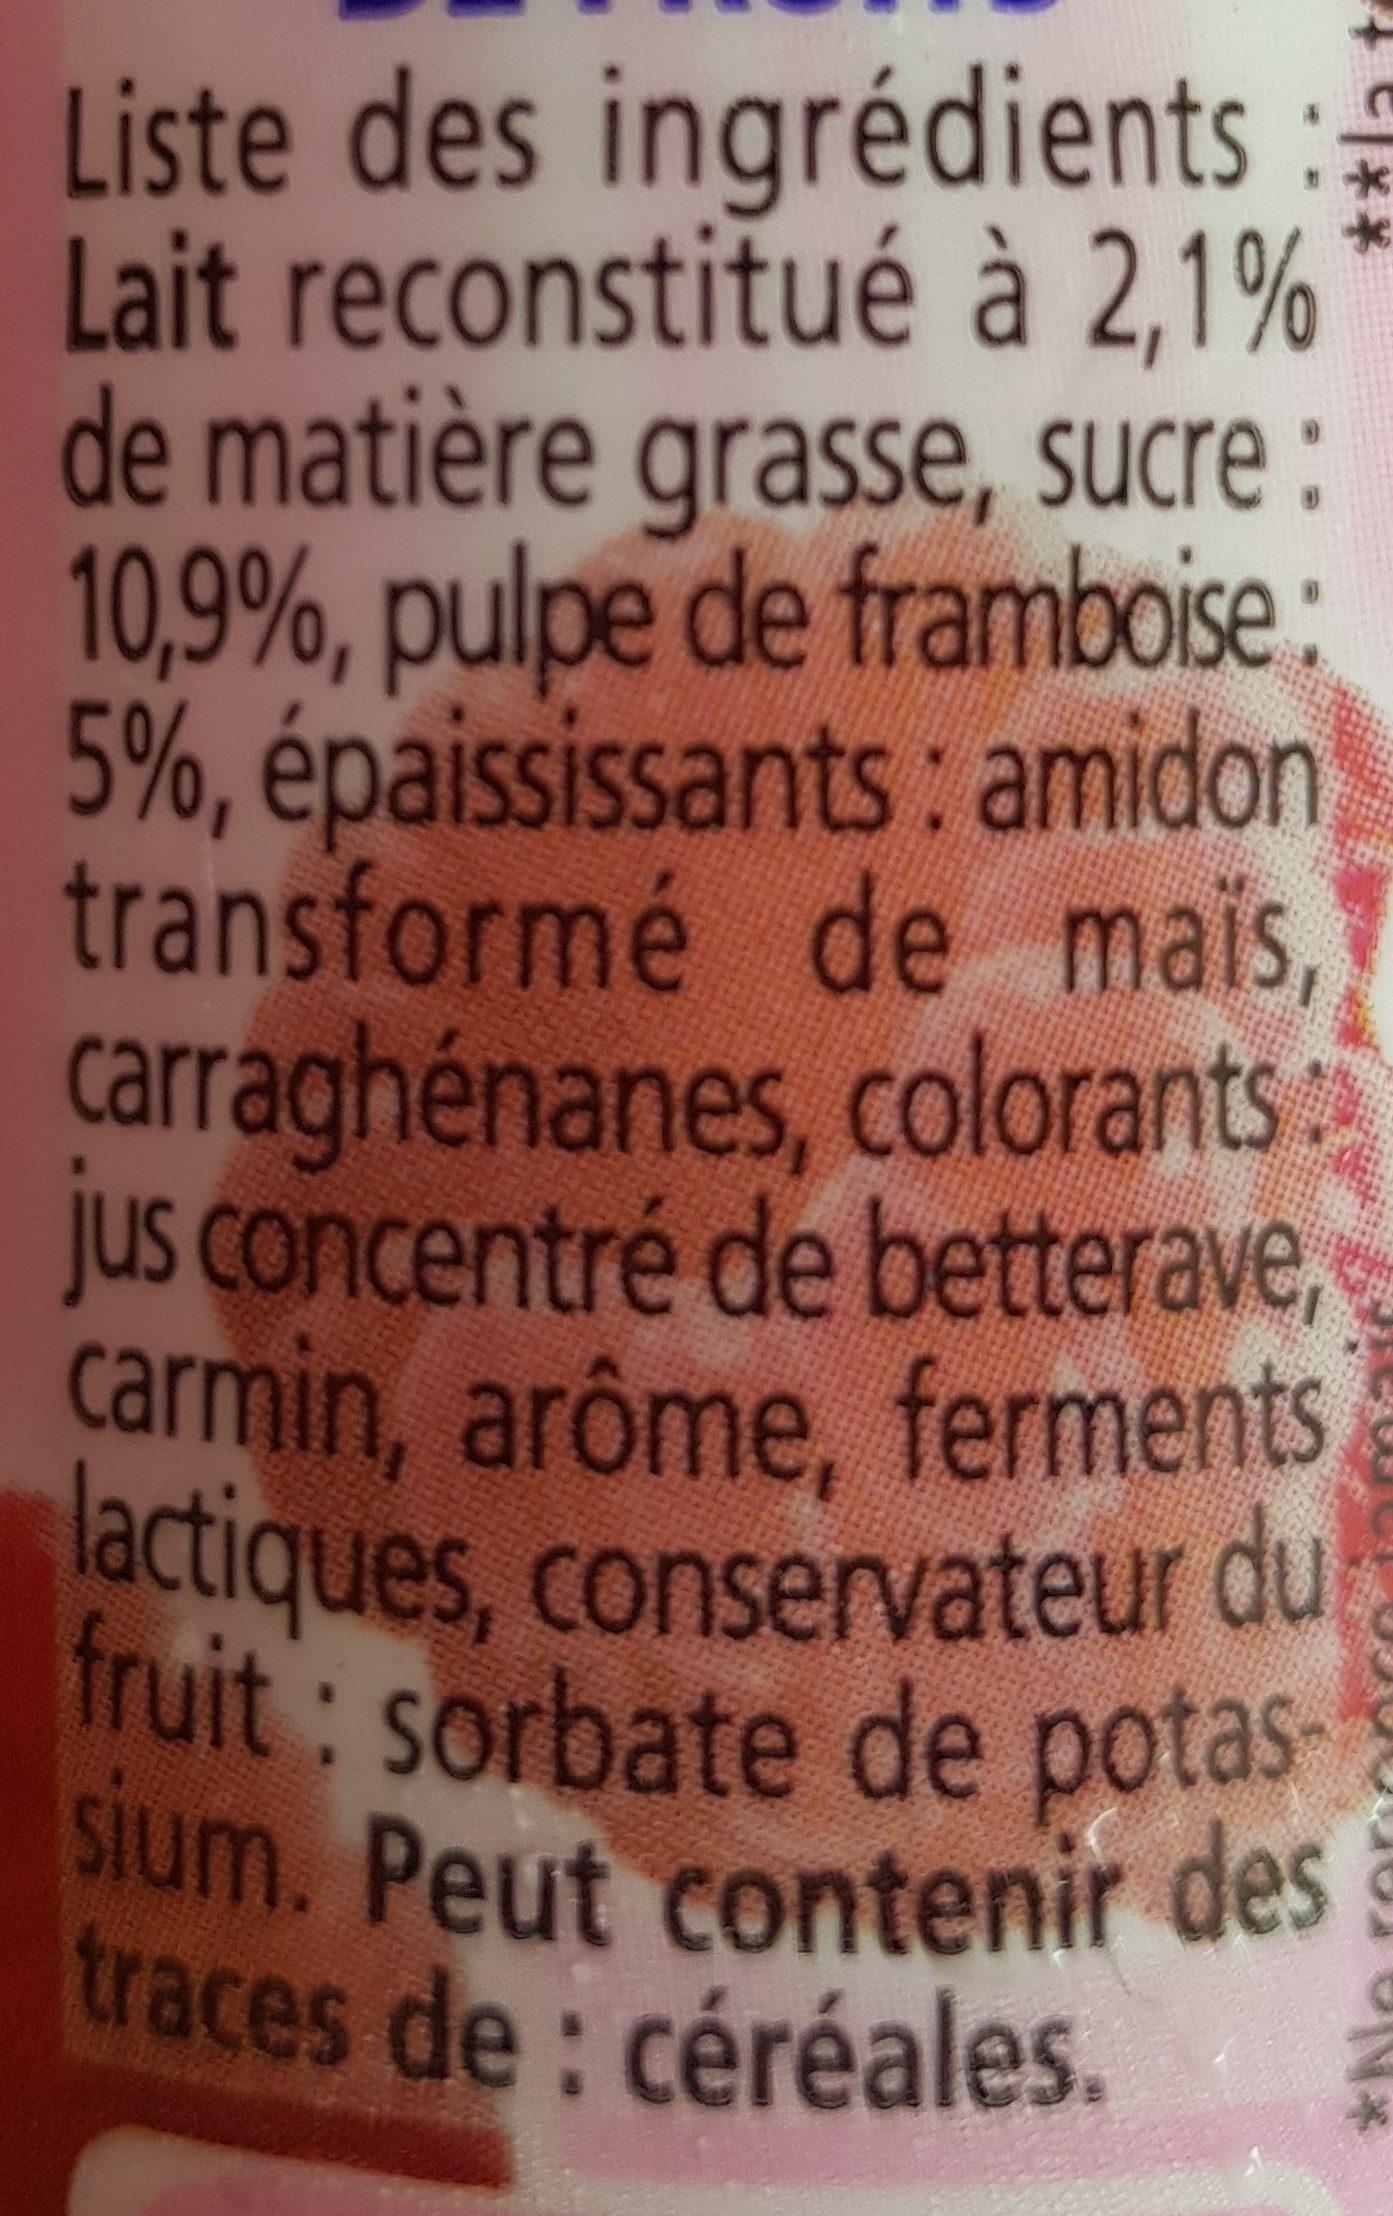 Yaourt à voire pulpe de framboise Yop - Ingrediënten - fr